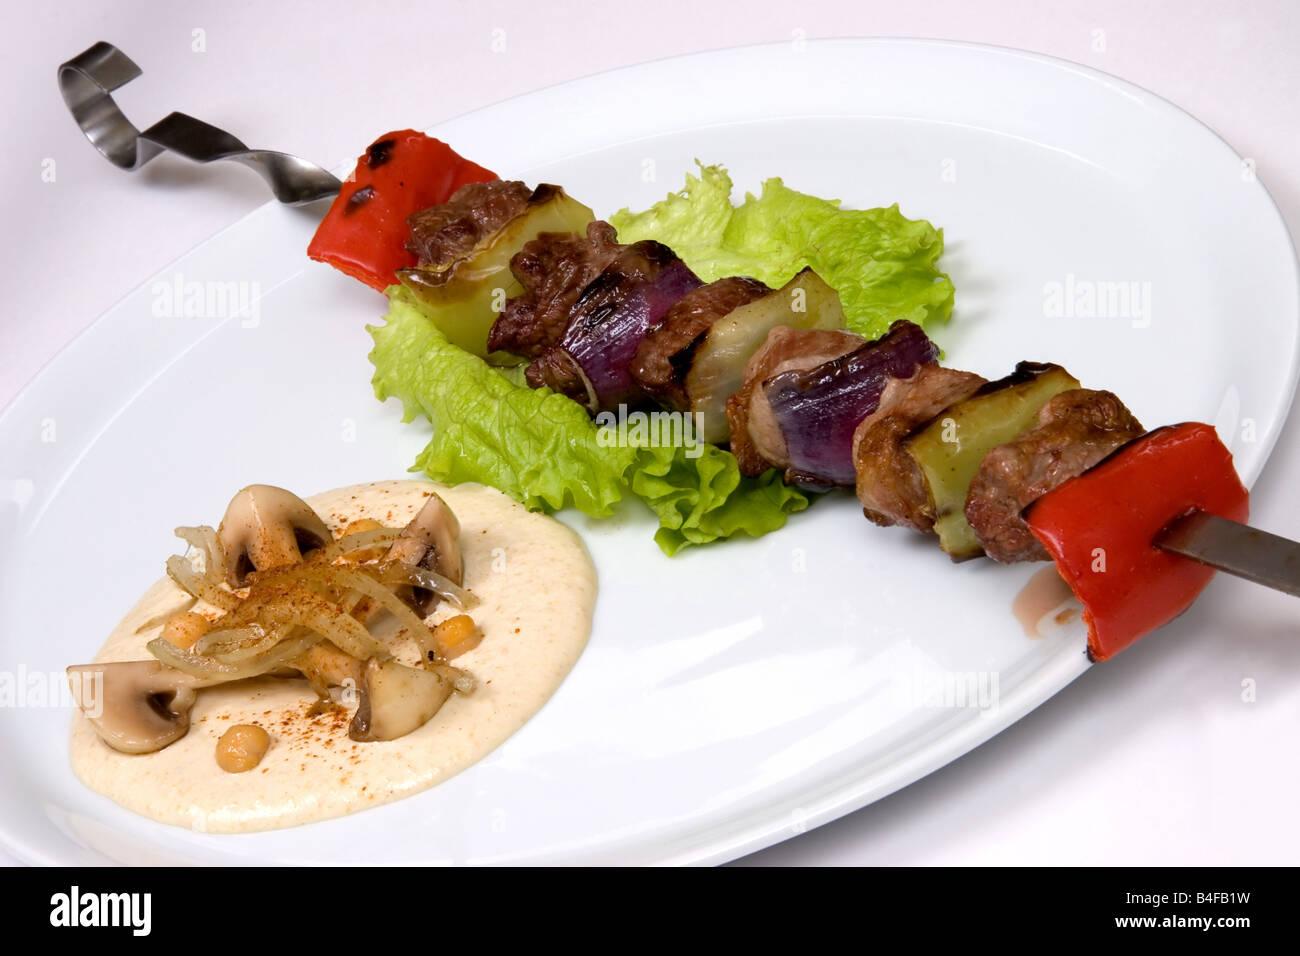 Légumes et aliments restaurant appétissant sur un plat de champignons blancs. Studio shot Photo Stock